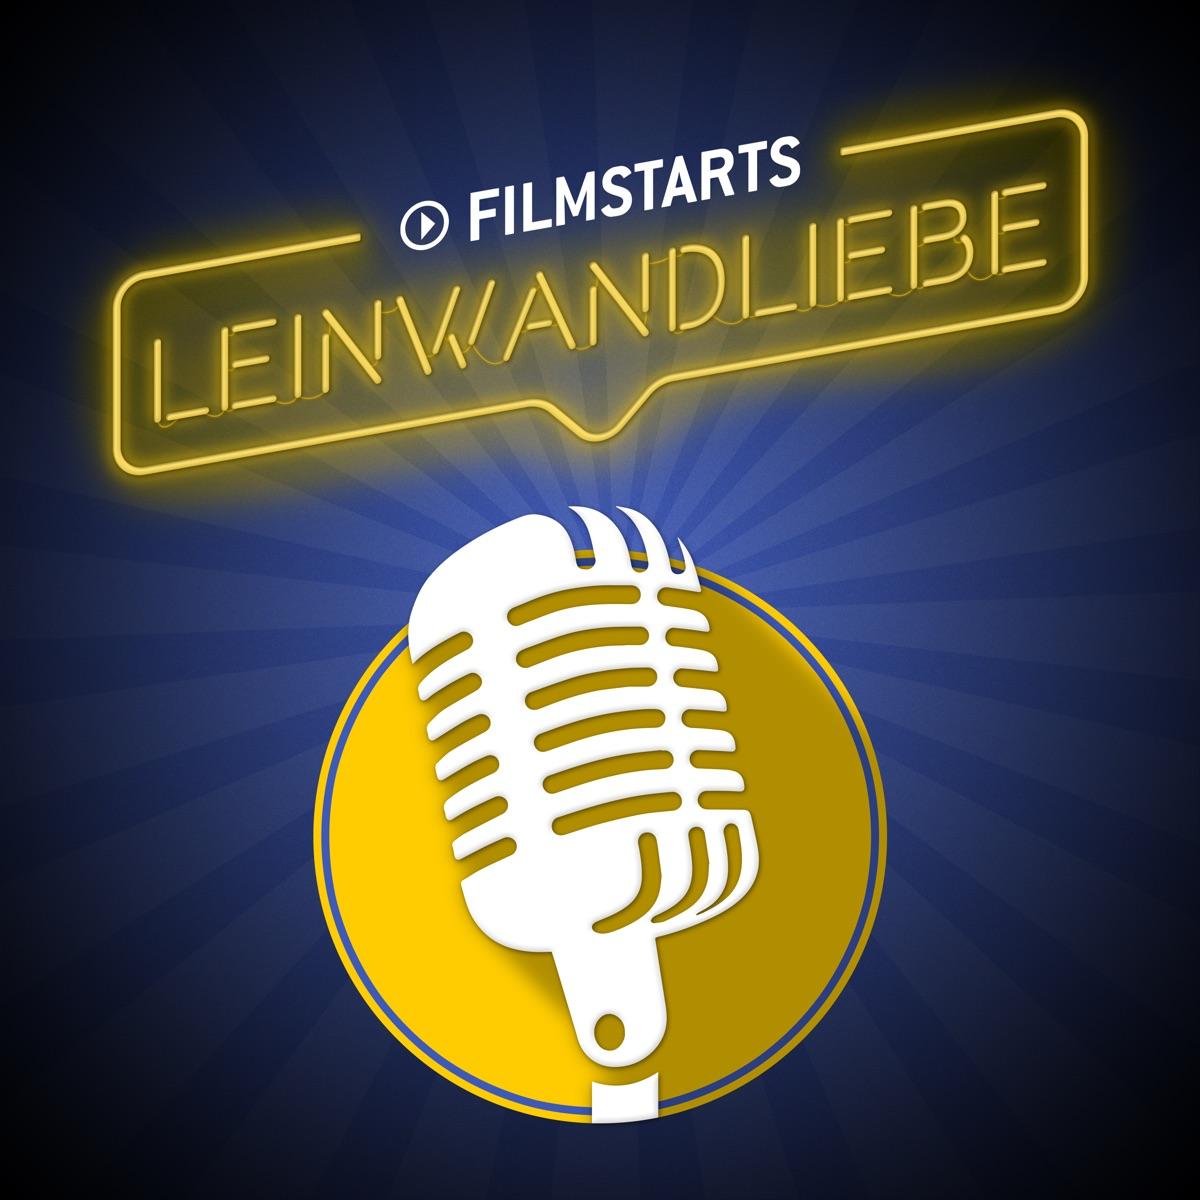 Leinwandliebe - Kino und Film